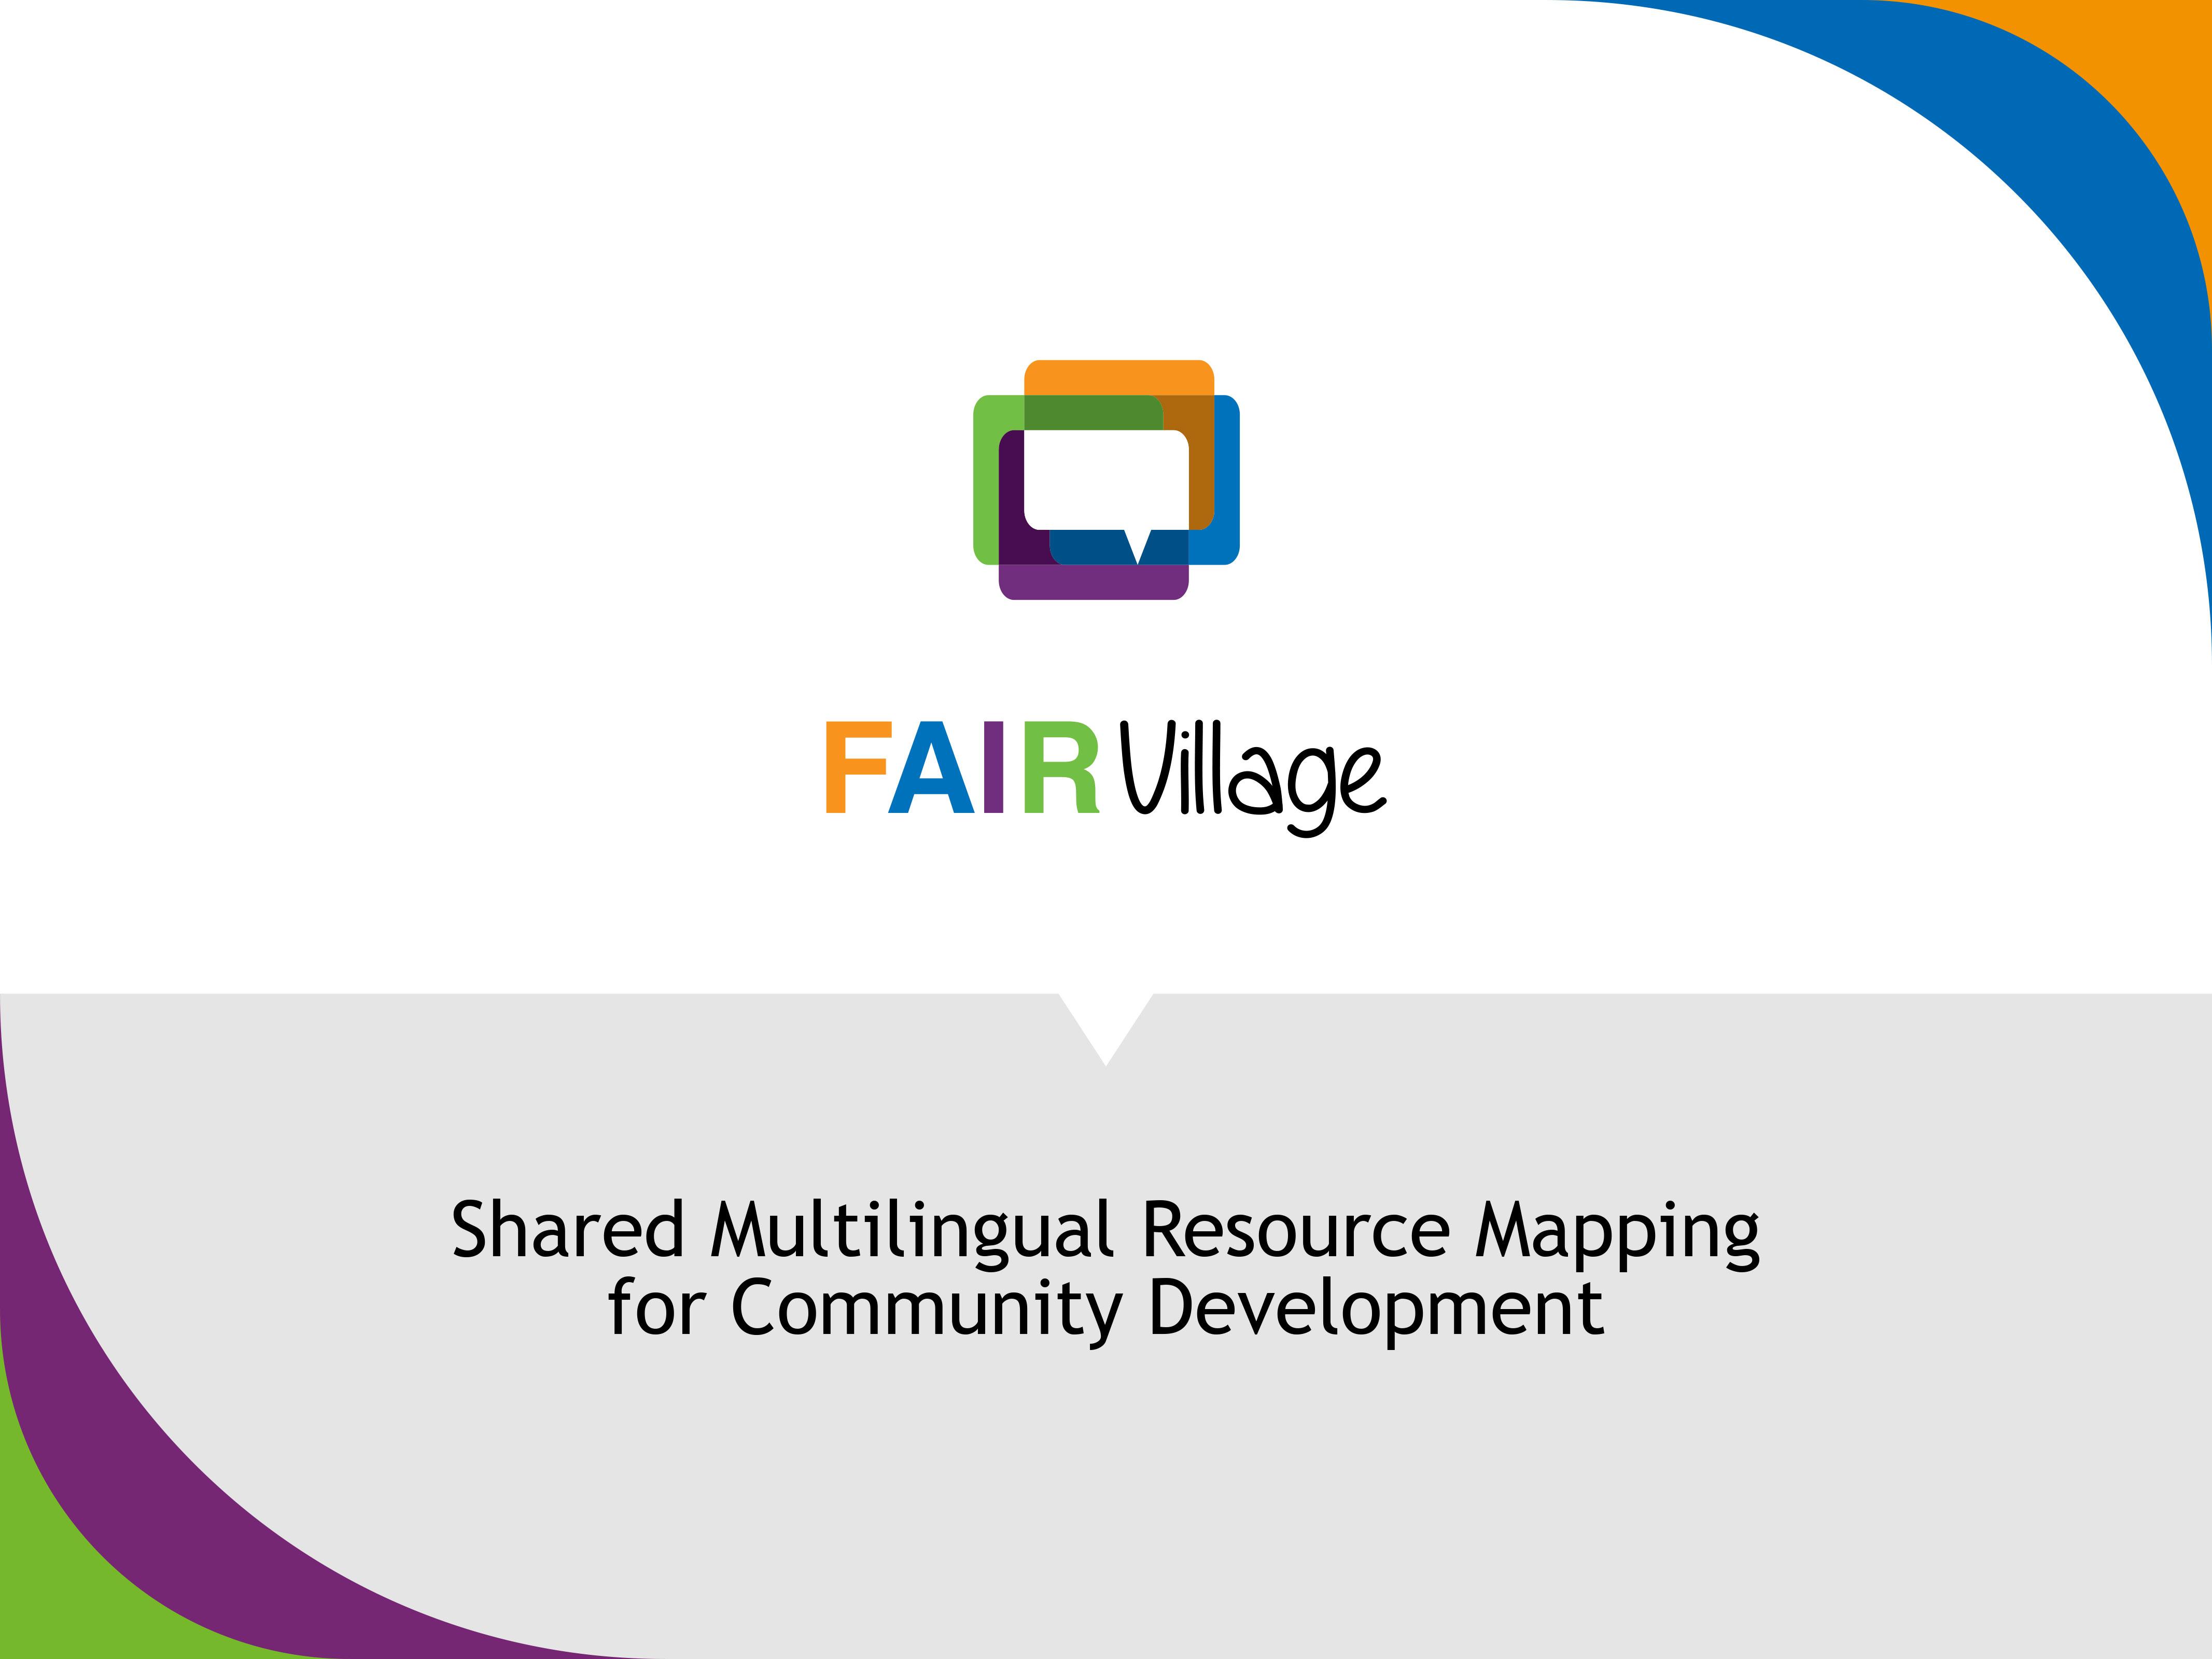 Copertina presentazione Fairvillage